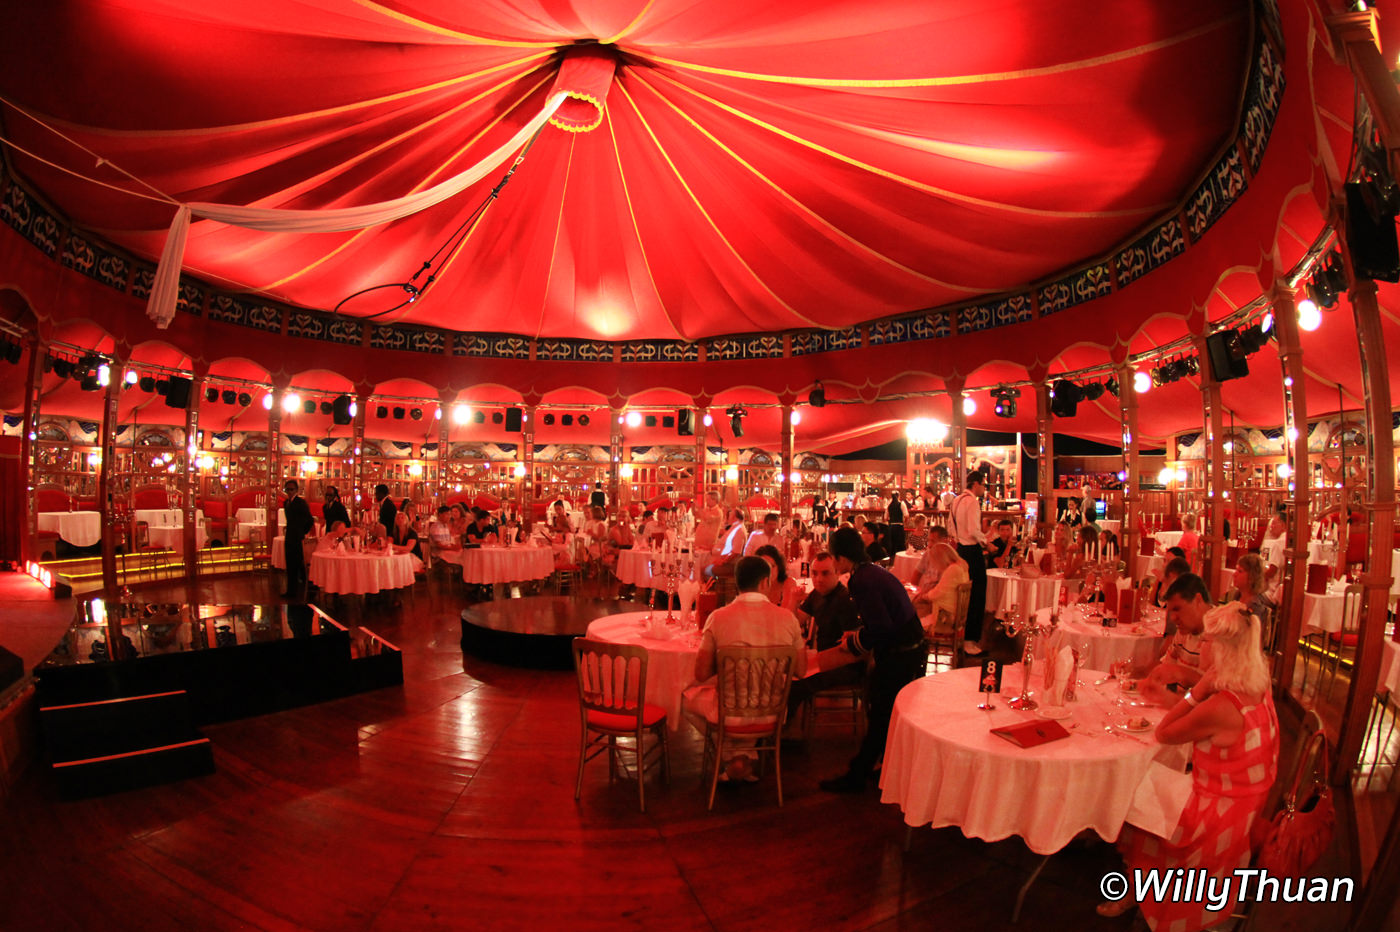 Phuket Palazzo Dinner Show